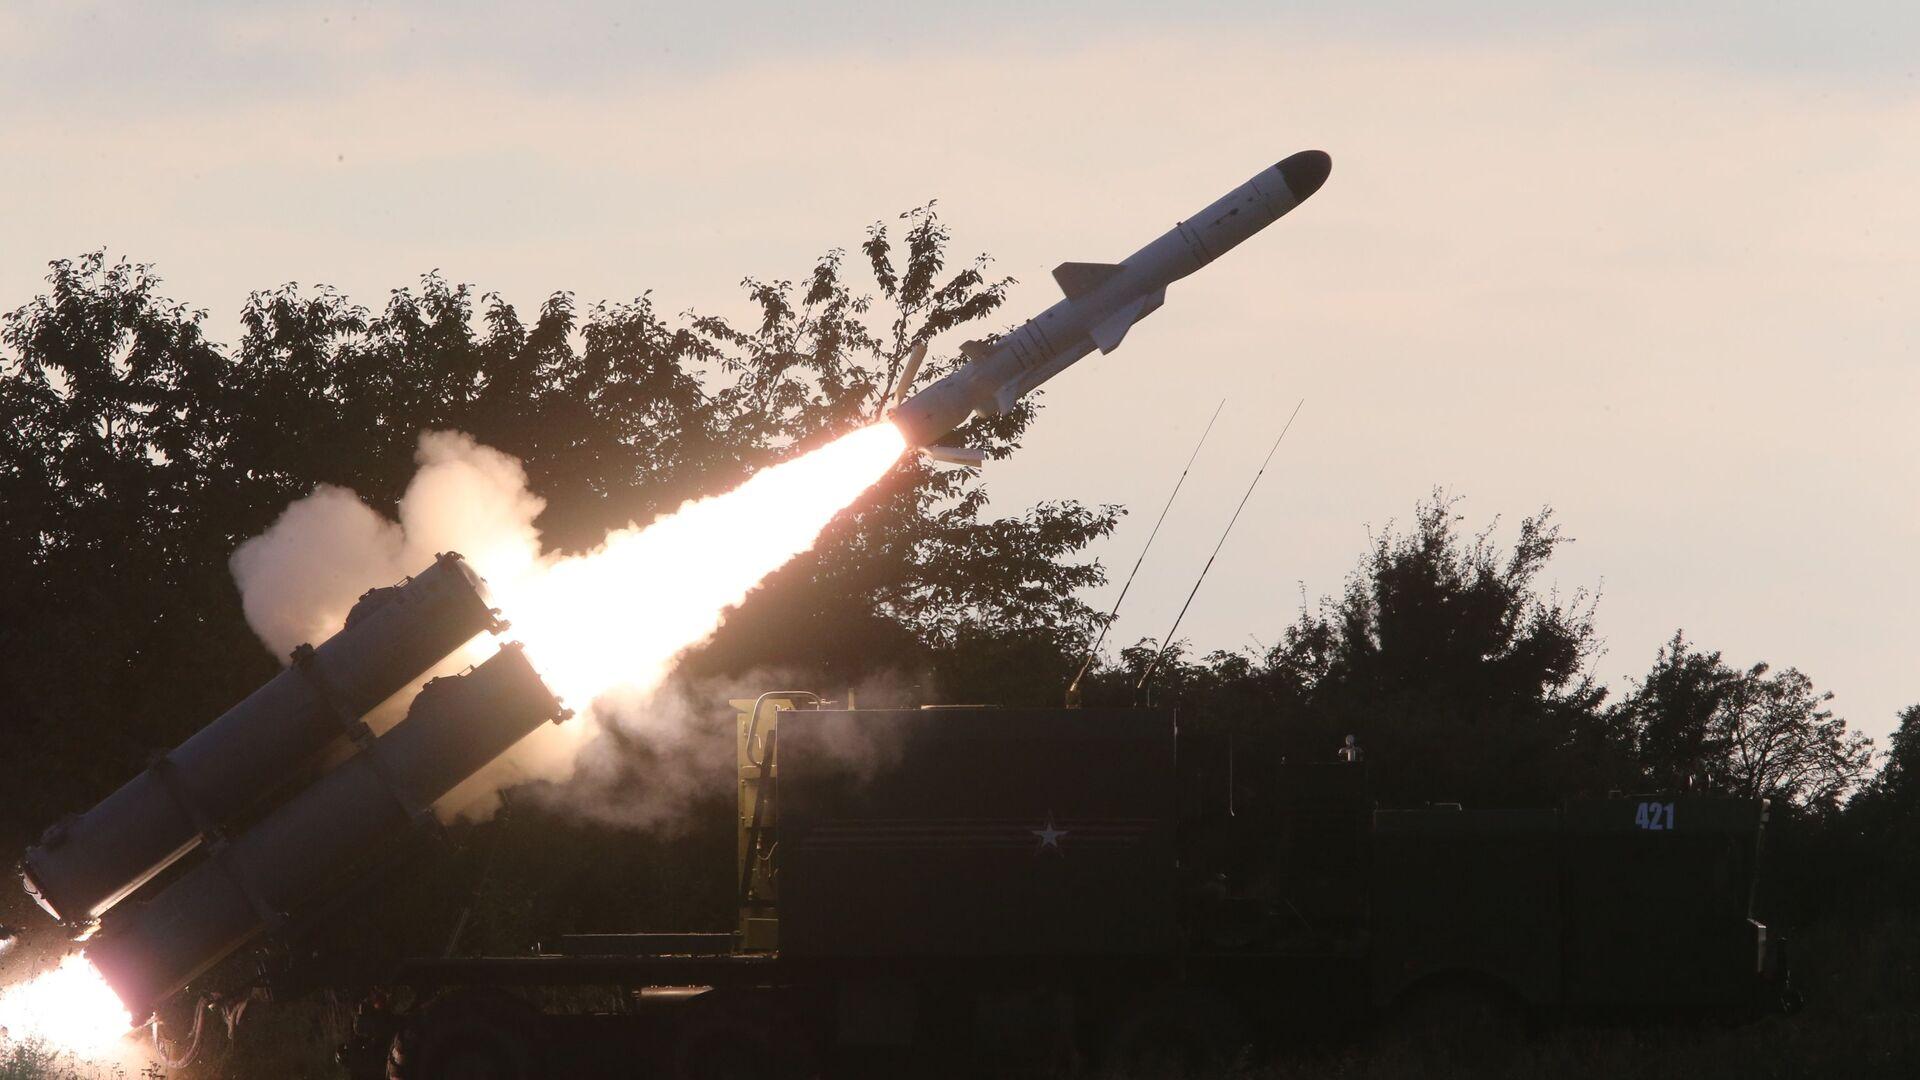 Лансирање противбродске ракете са обалског ракетног система Бал током војних вежби - Sputnik Србија, 1920, 04.02.2021